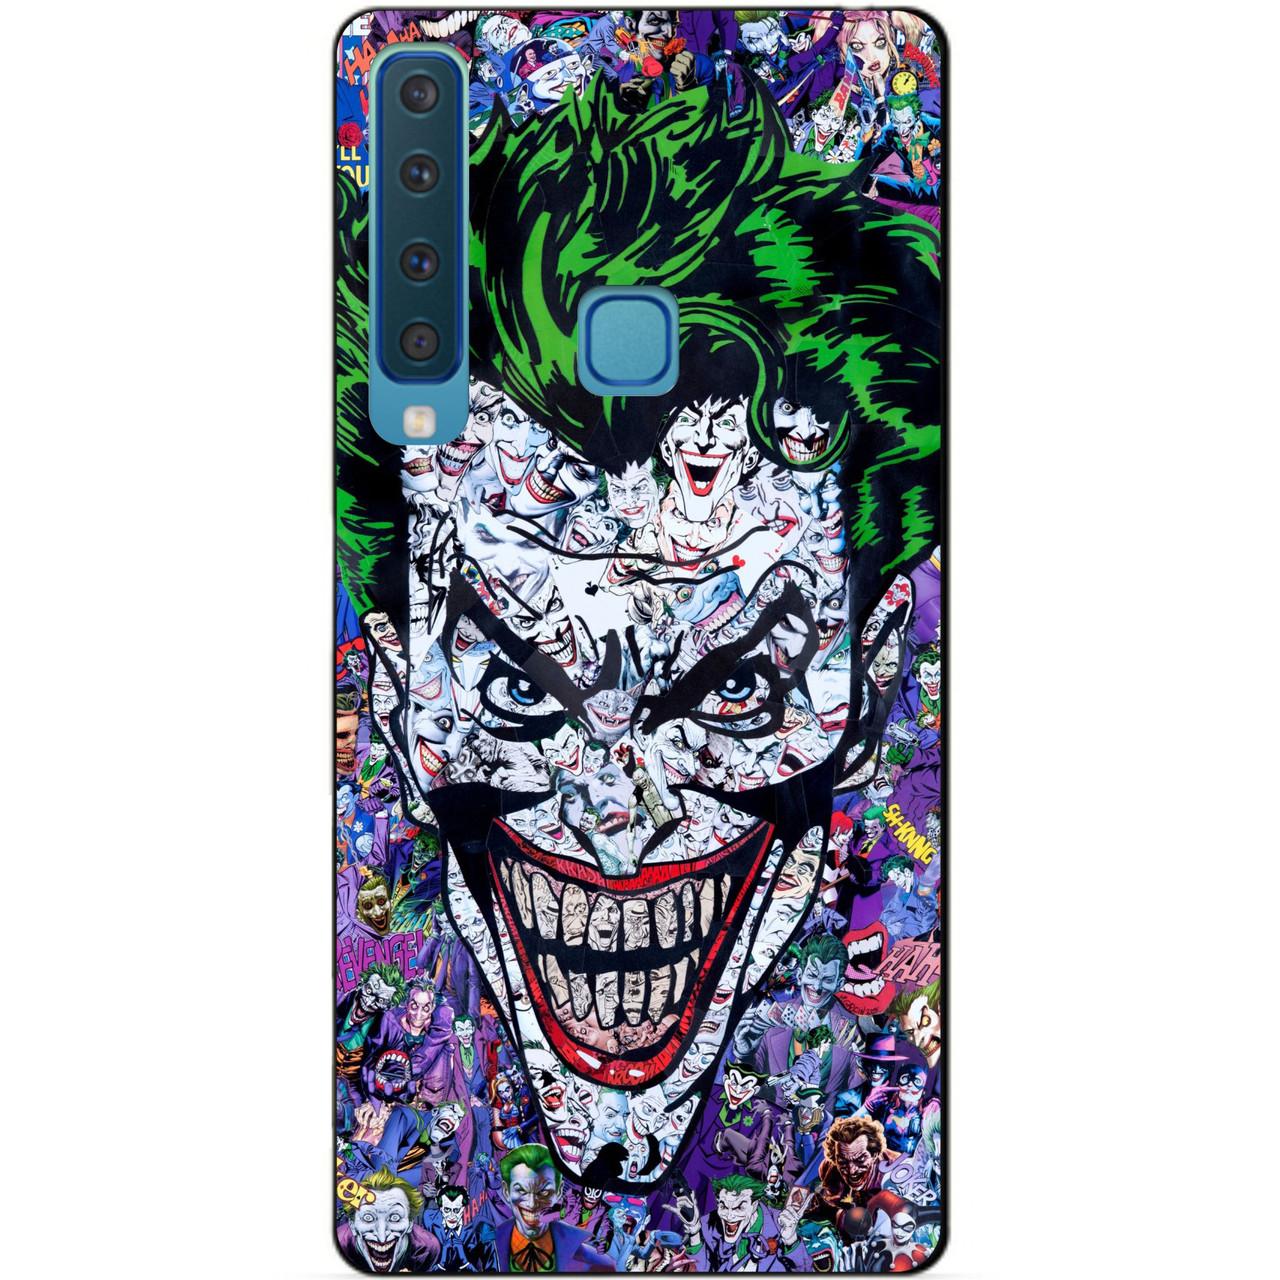 Чехол силиконовый для Samsung A9 2018 Galaxy A920 с рисунком Джокер